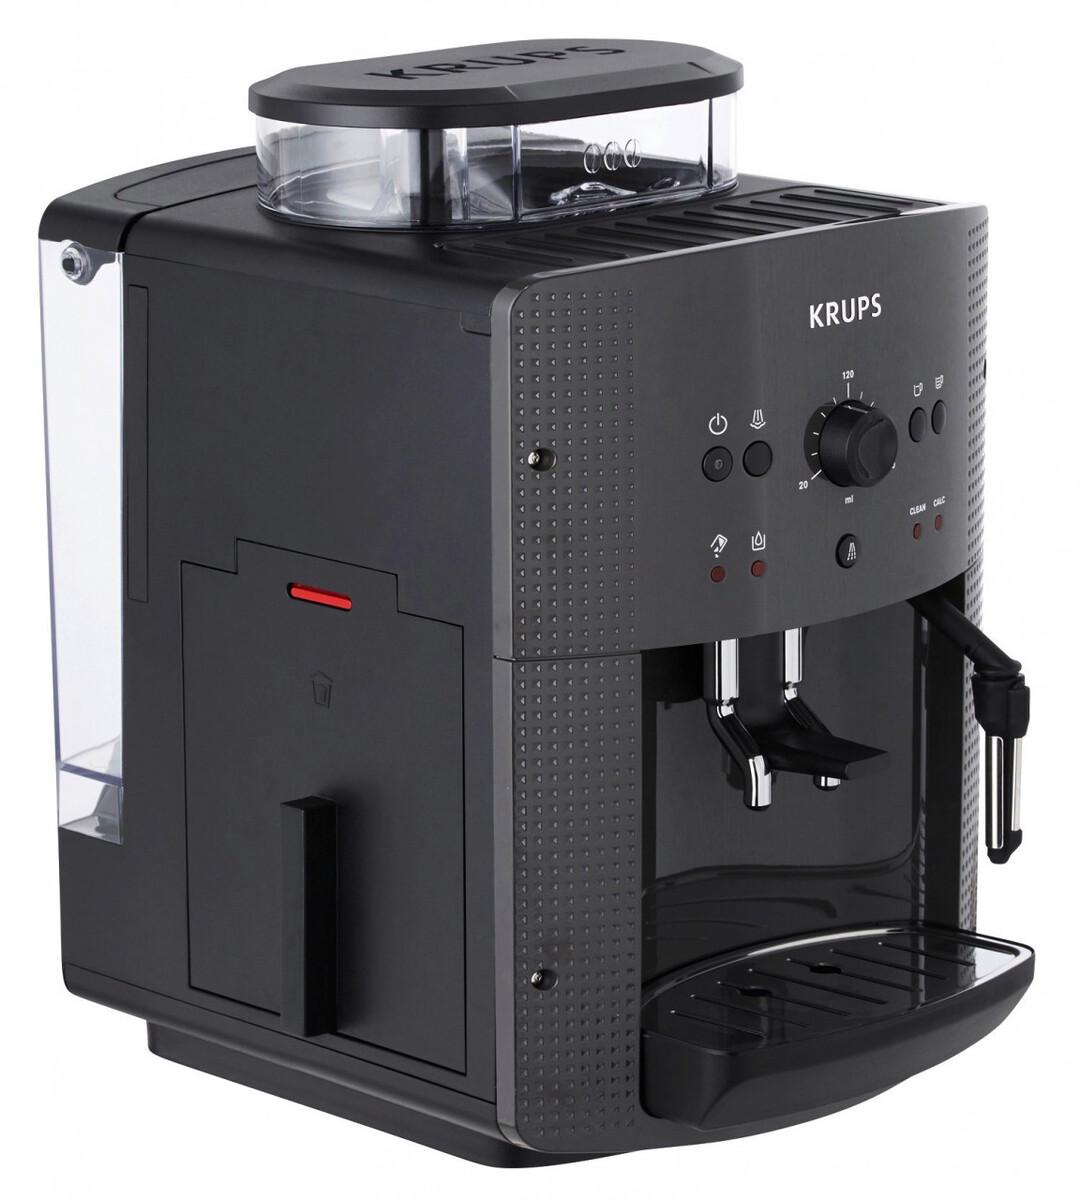 Bild 2 von Krups Espresso-Kaffee-Vollautomat EA810B